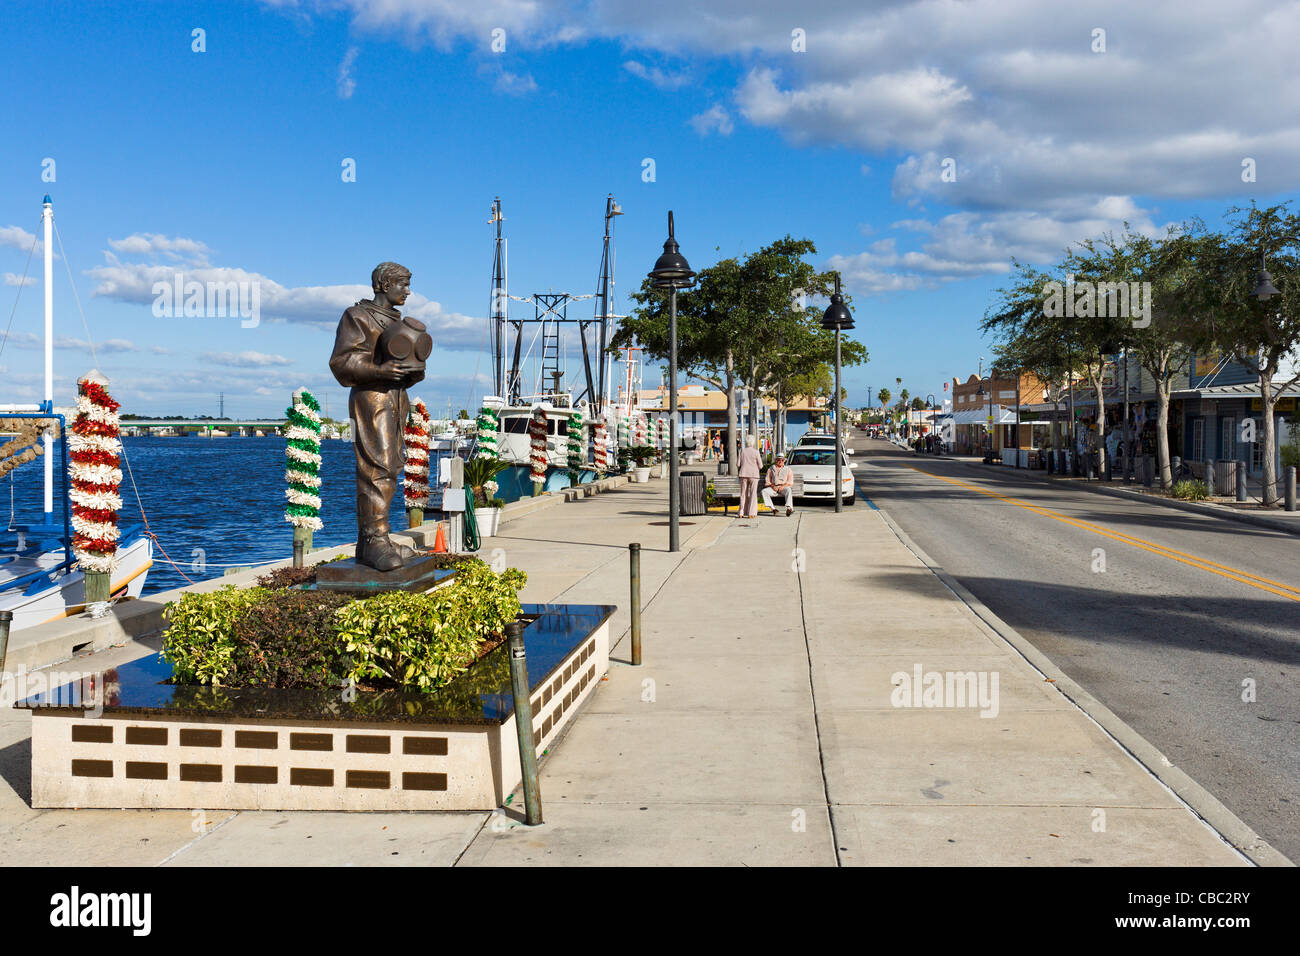 L'eau à l'Éponge avec statue de stations d'un plongeur dans l'avant-plan, Dodecanese Boulevard, Photo Stock